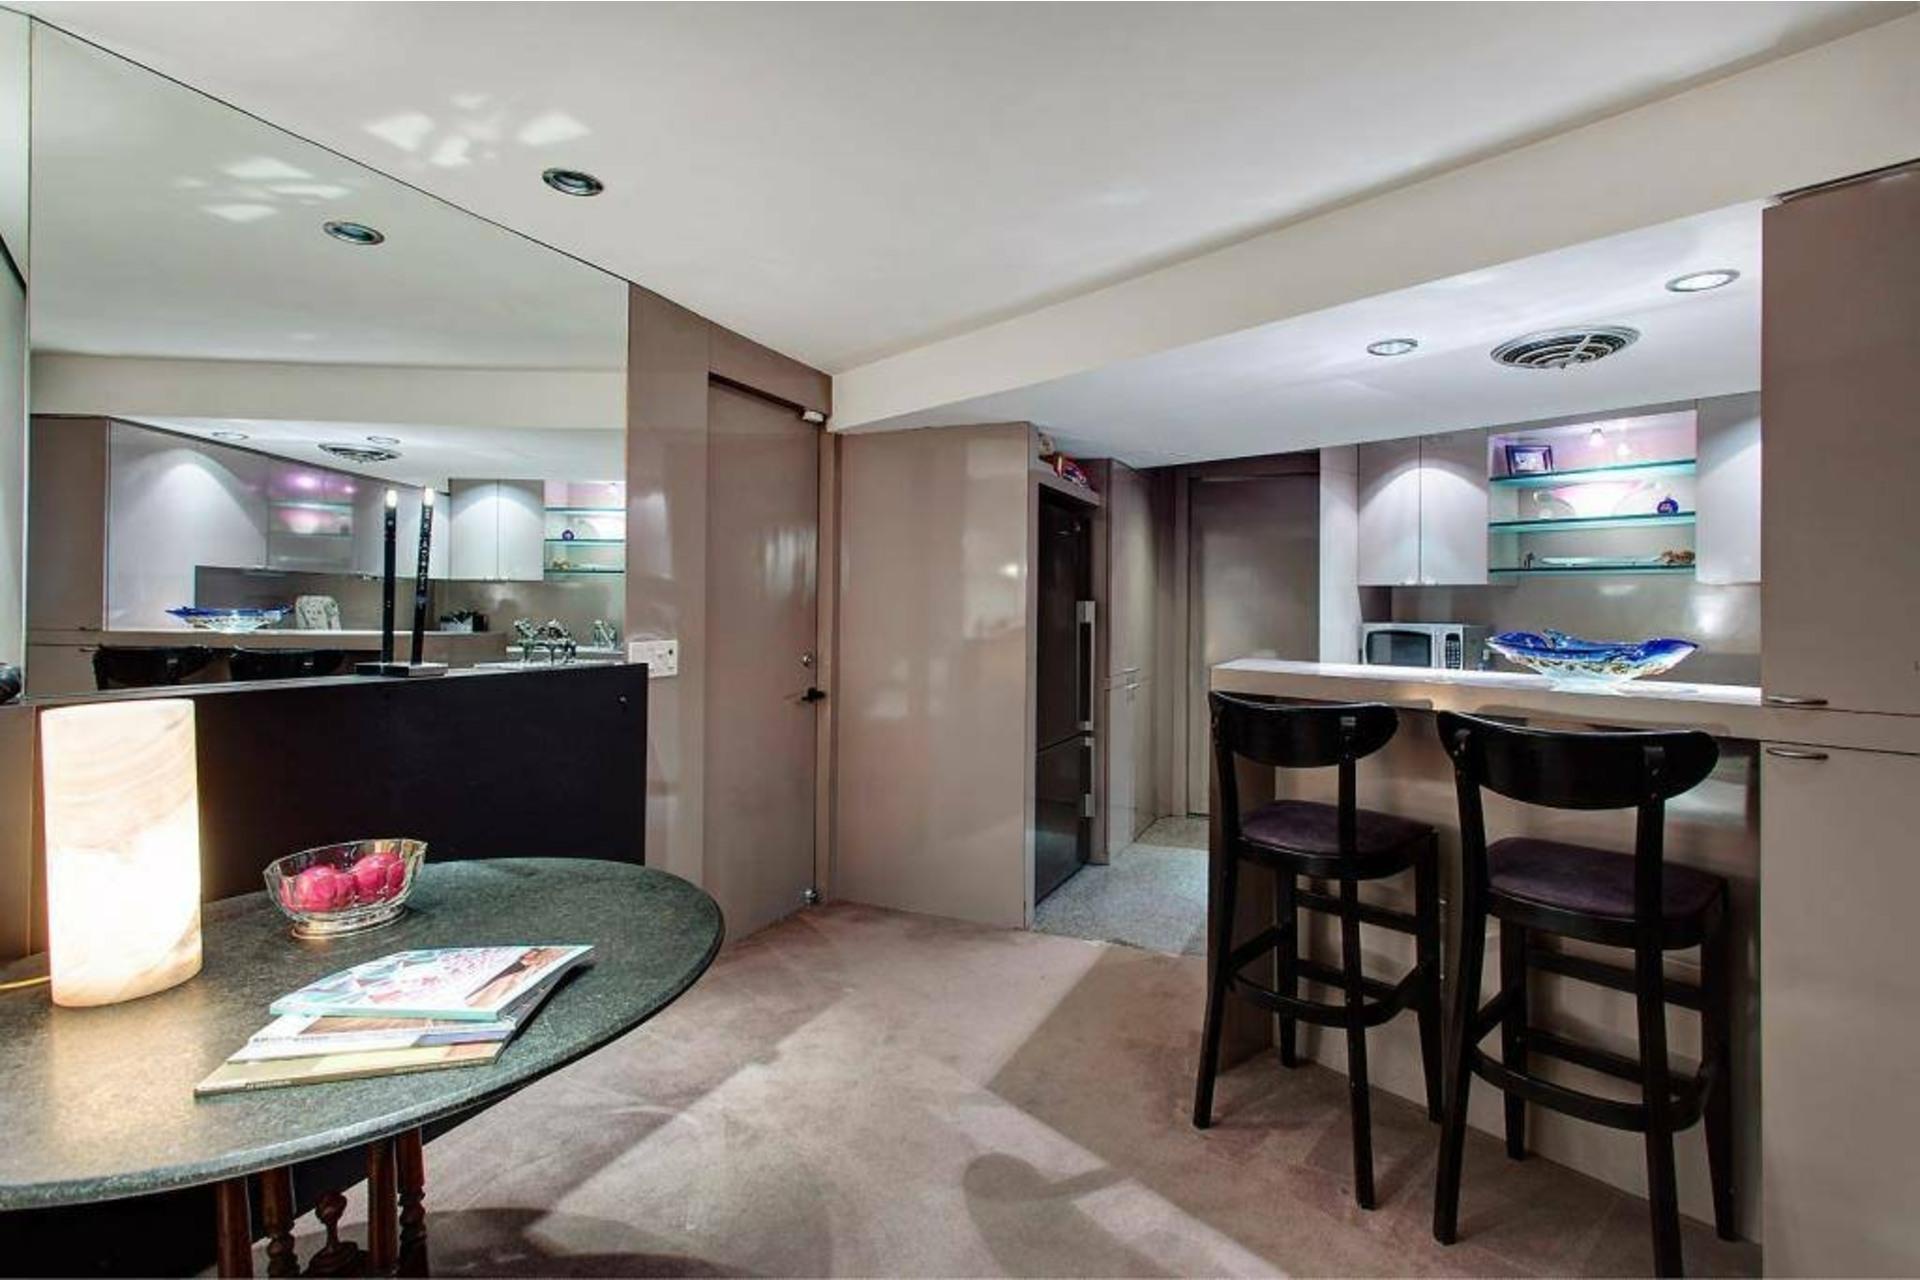 image 7 - Apartment For sale Côte-des-Neiges/Notre-Dame-de-Grâce Montréal  - 6 rooms